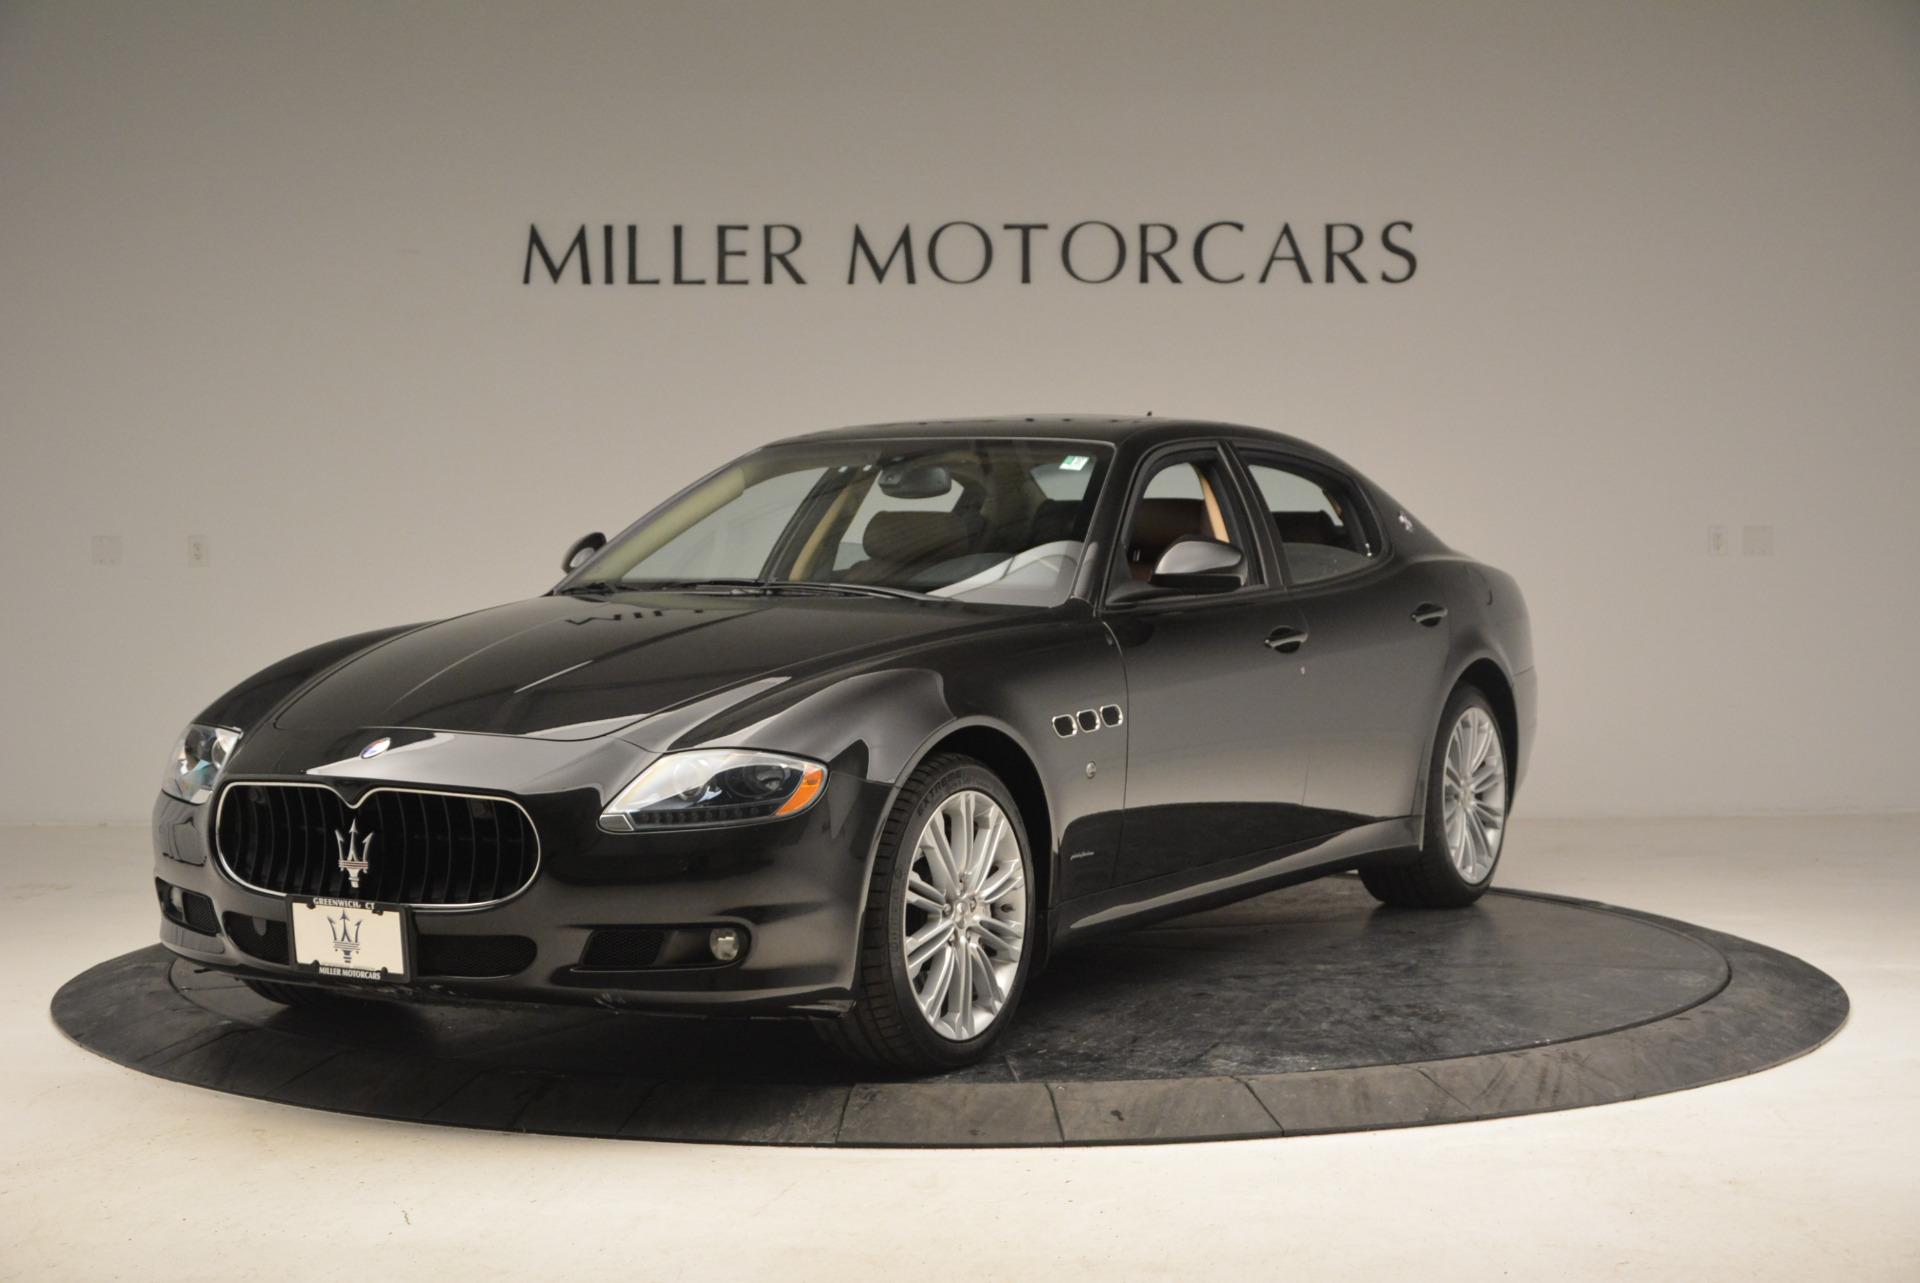 Used 2013 Maserati Quattroporte S For Sale In Greenwich, CT 1012_main